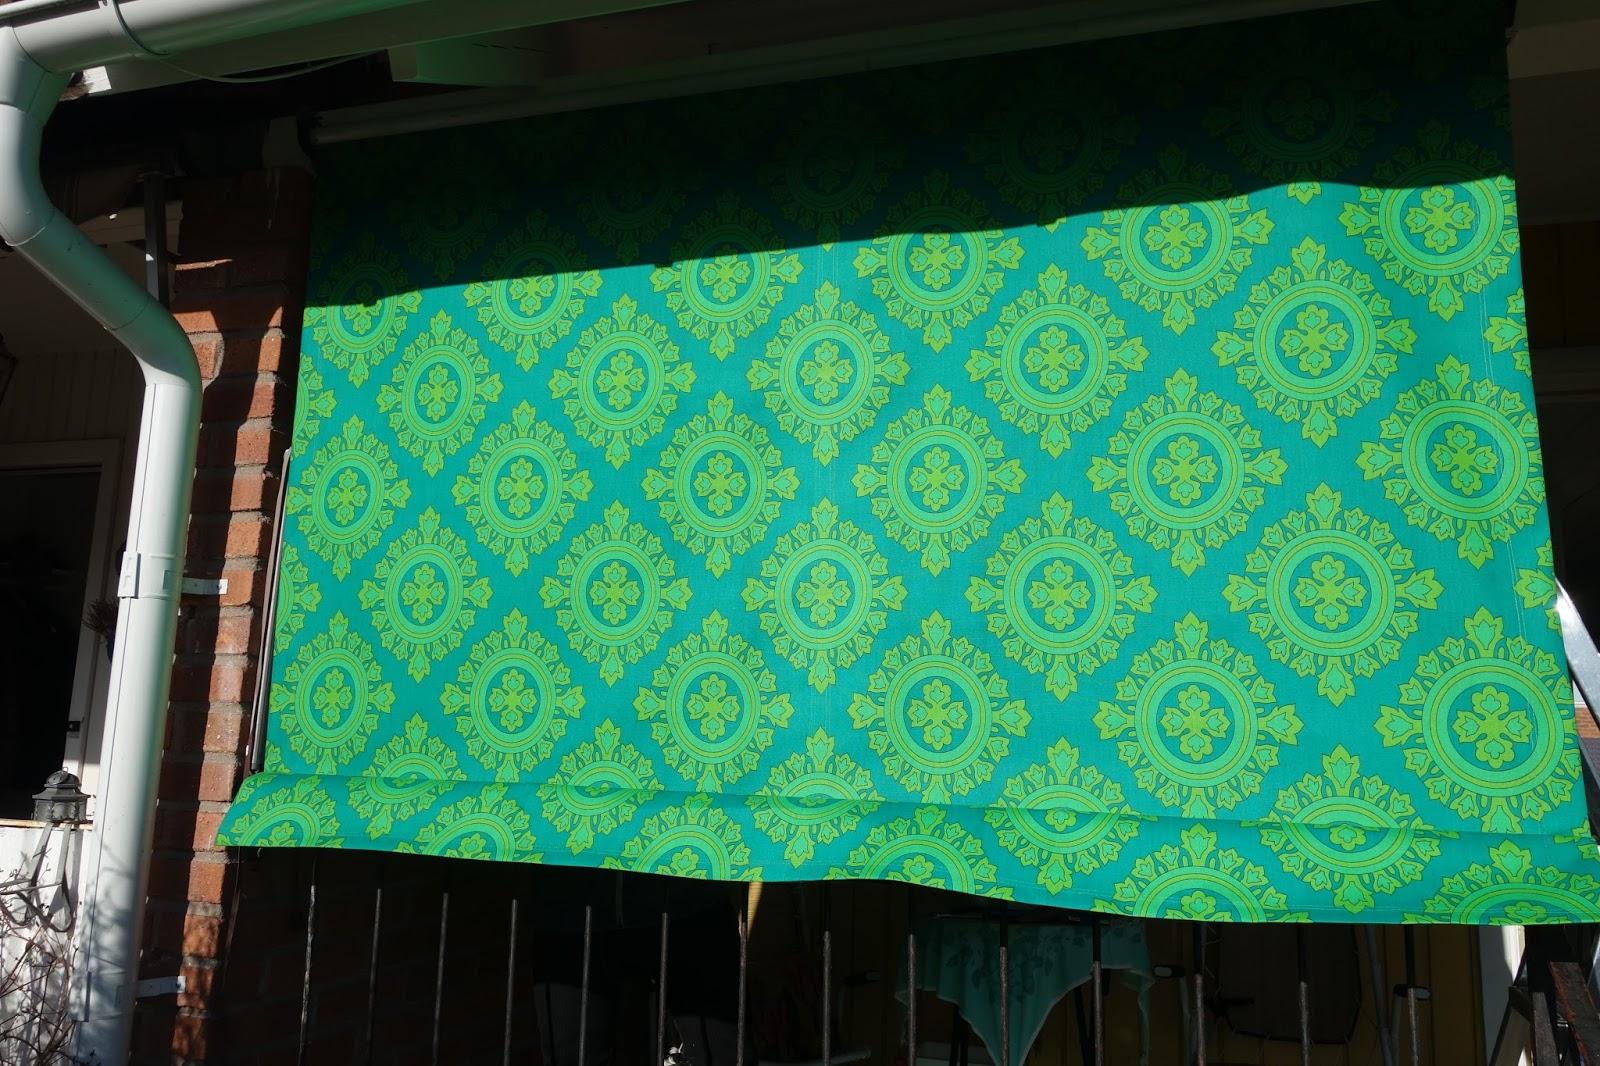 Sytt egen markis i snyggaste gröna 70-tals mönstrade ...